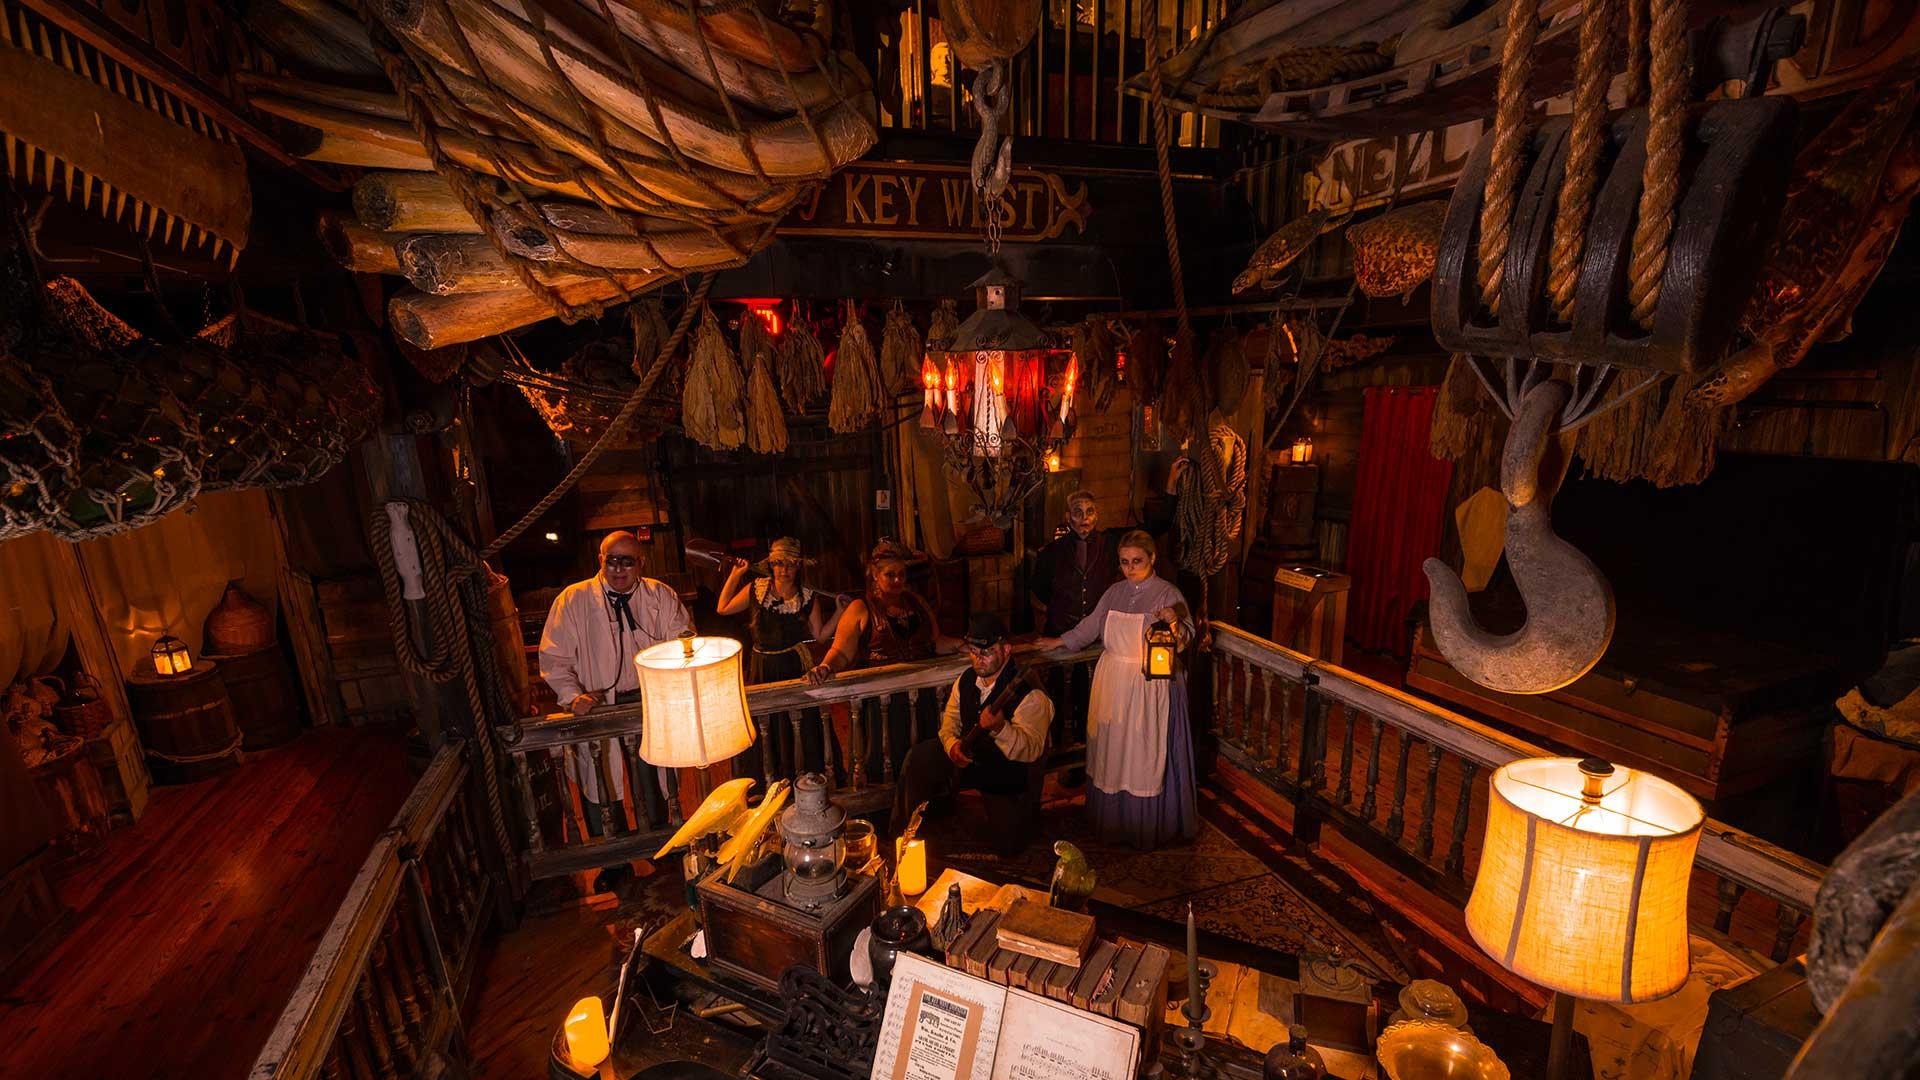 key west shipwreck museum interior